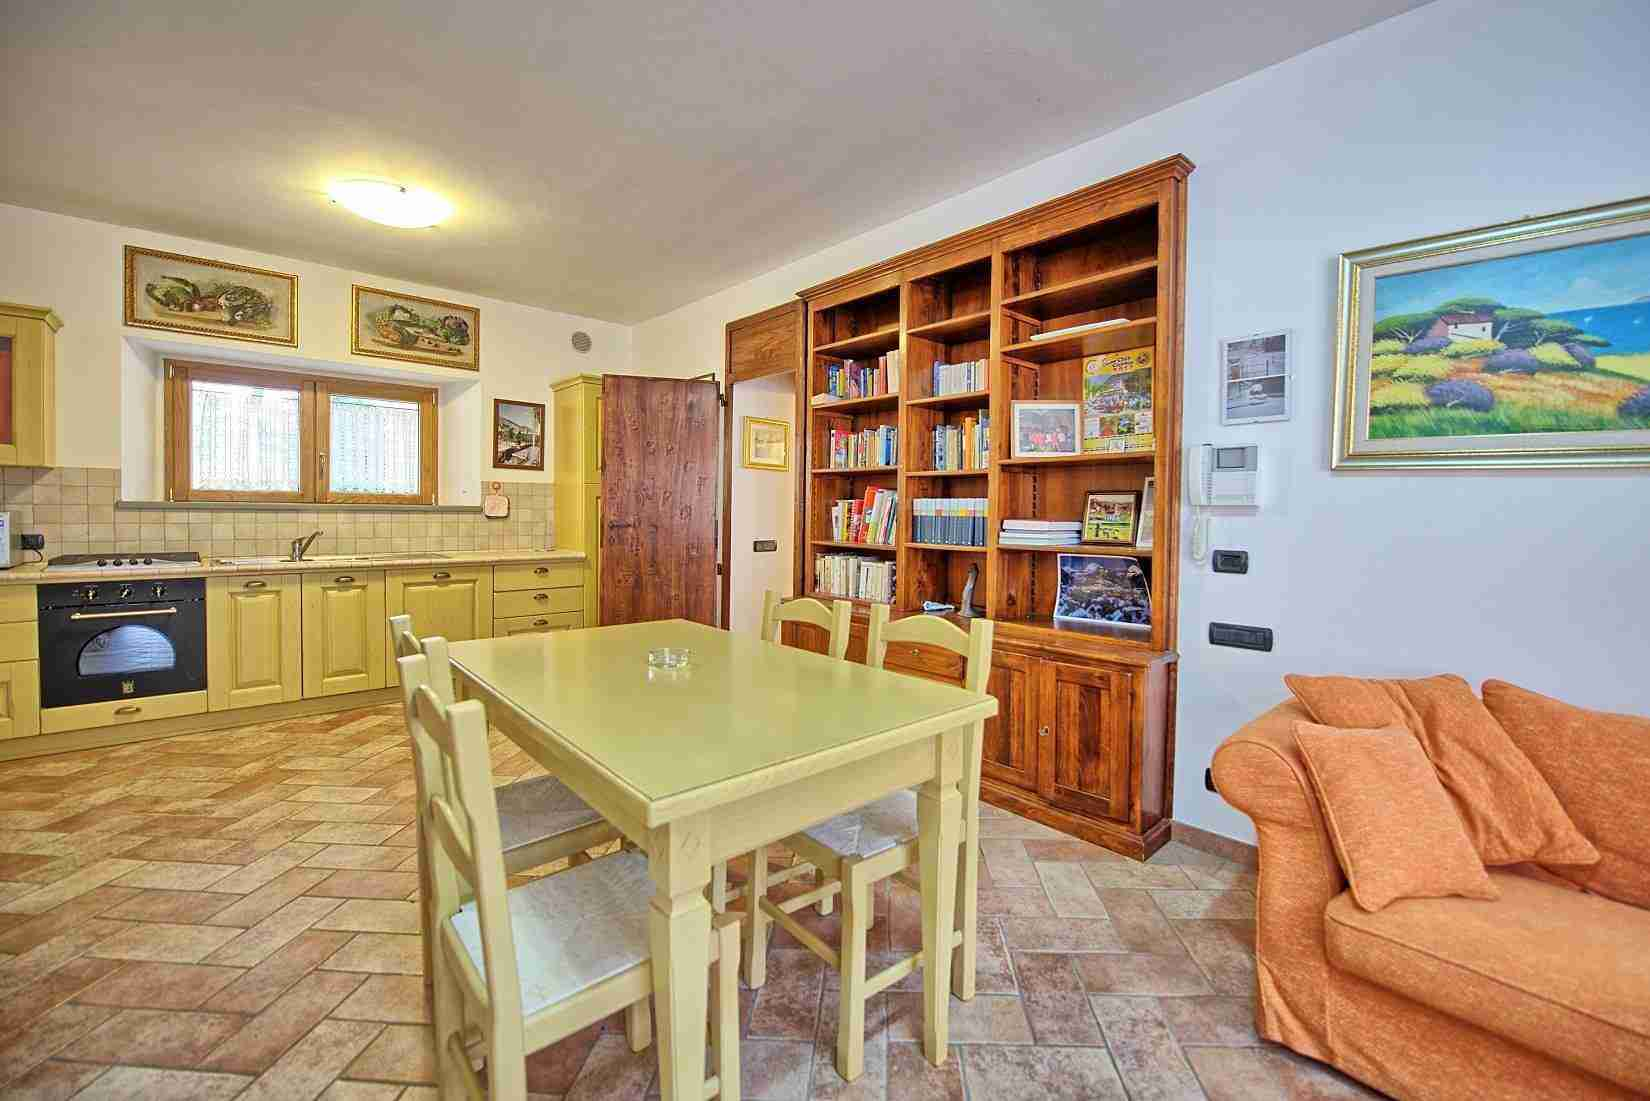 31 Etruria kitchen